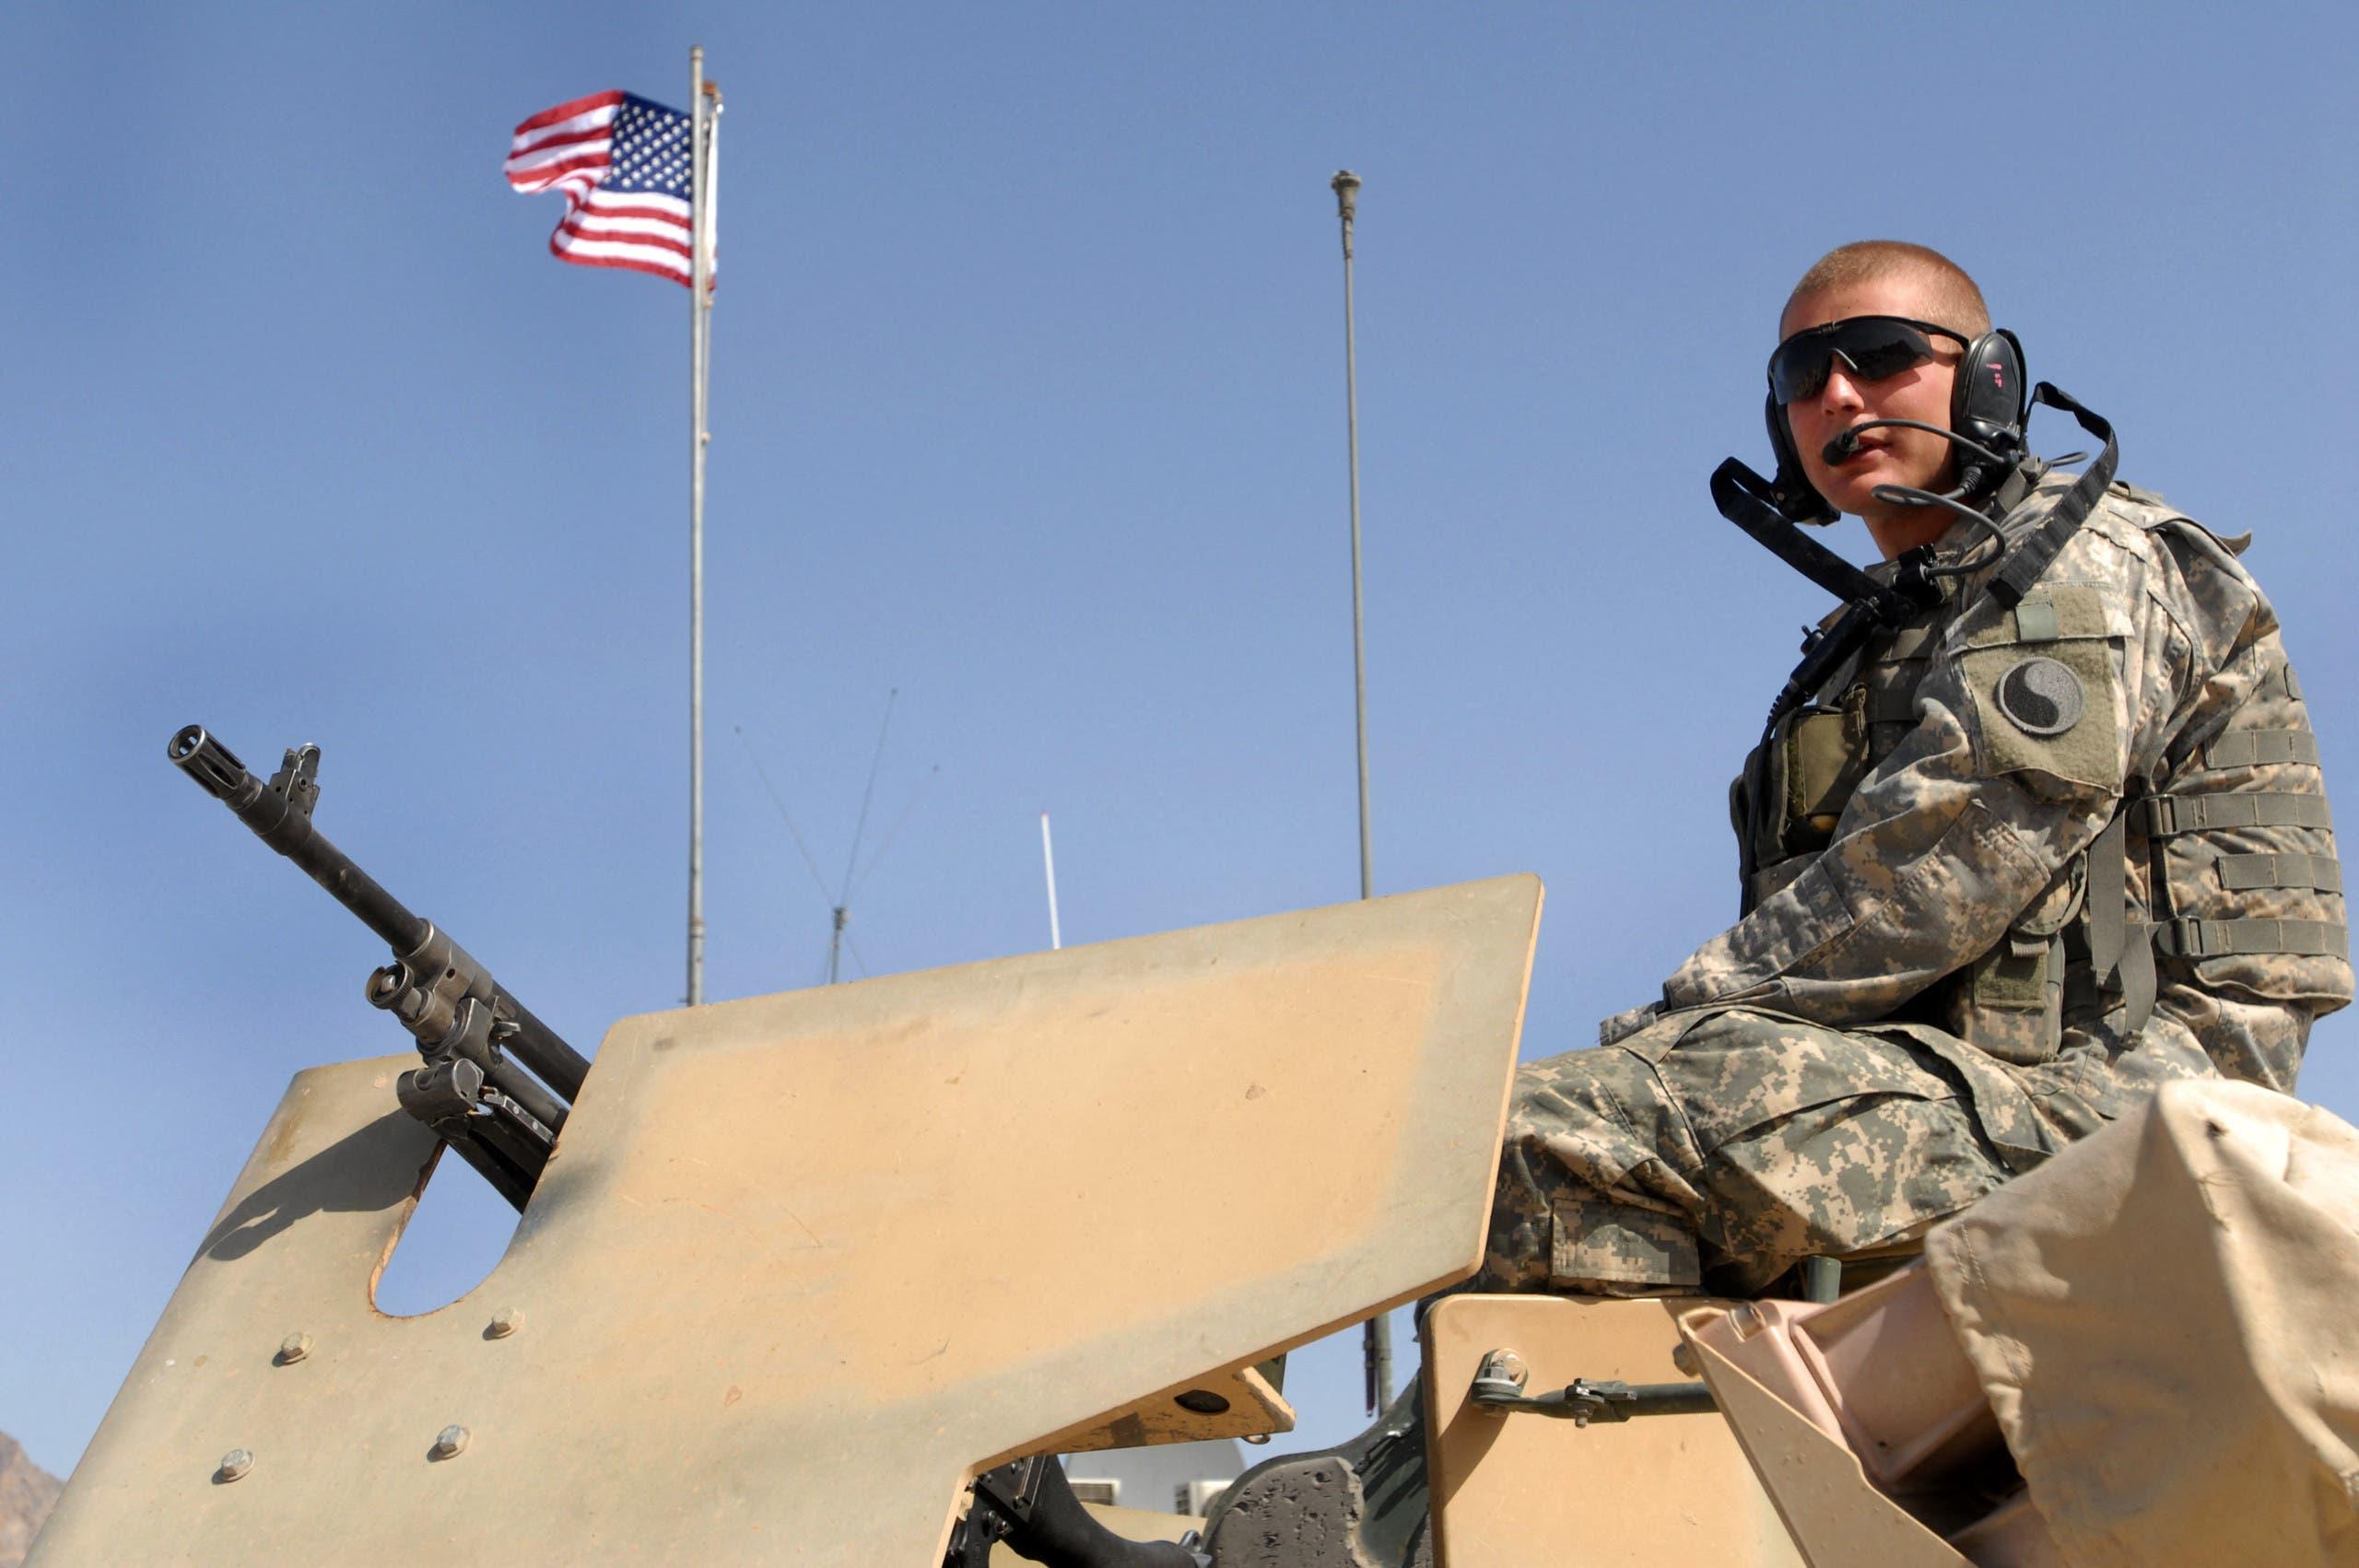 جندي أميركي ضمن قوات حلف شمال الأطلسي في أفغانستان (أرشيفية)